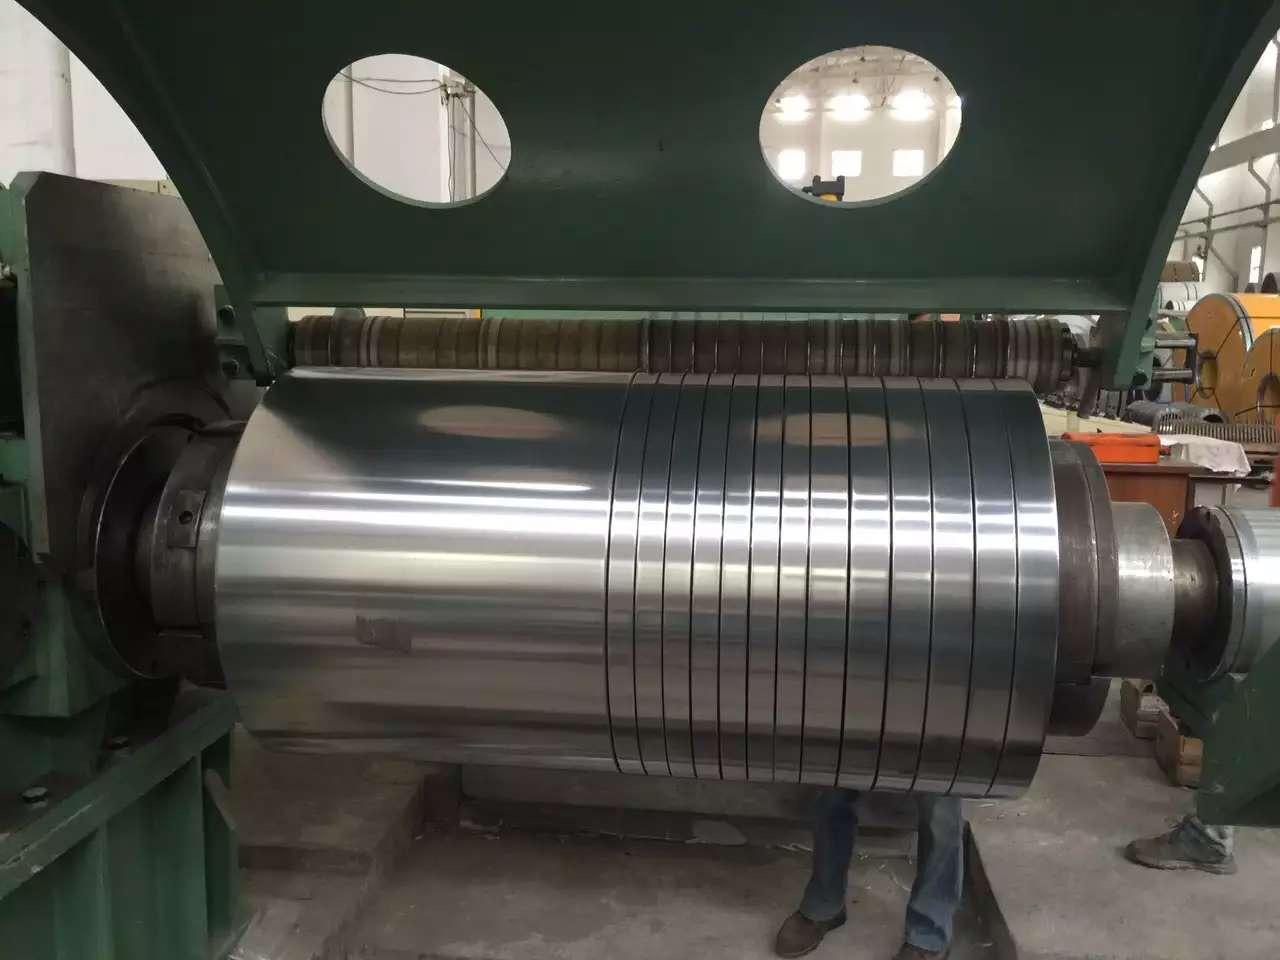 迈瑞克分享:304不锈钢为什么也会有磁性